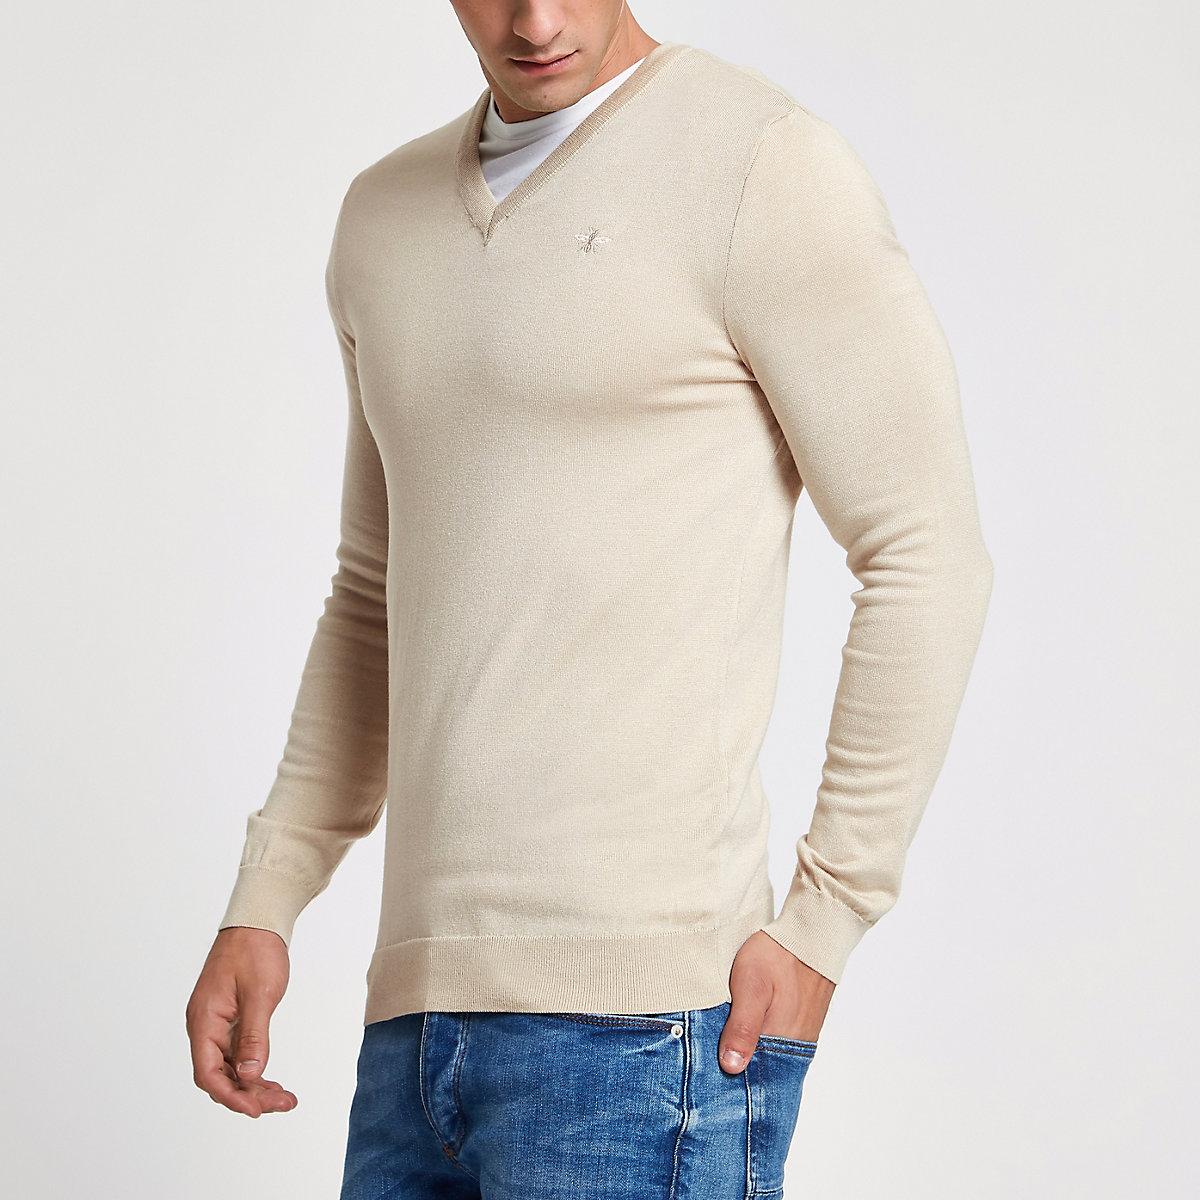 Light brown slim fit V neck sweater